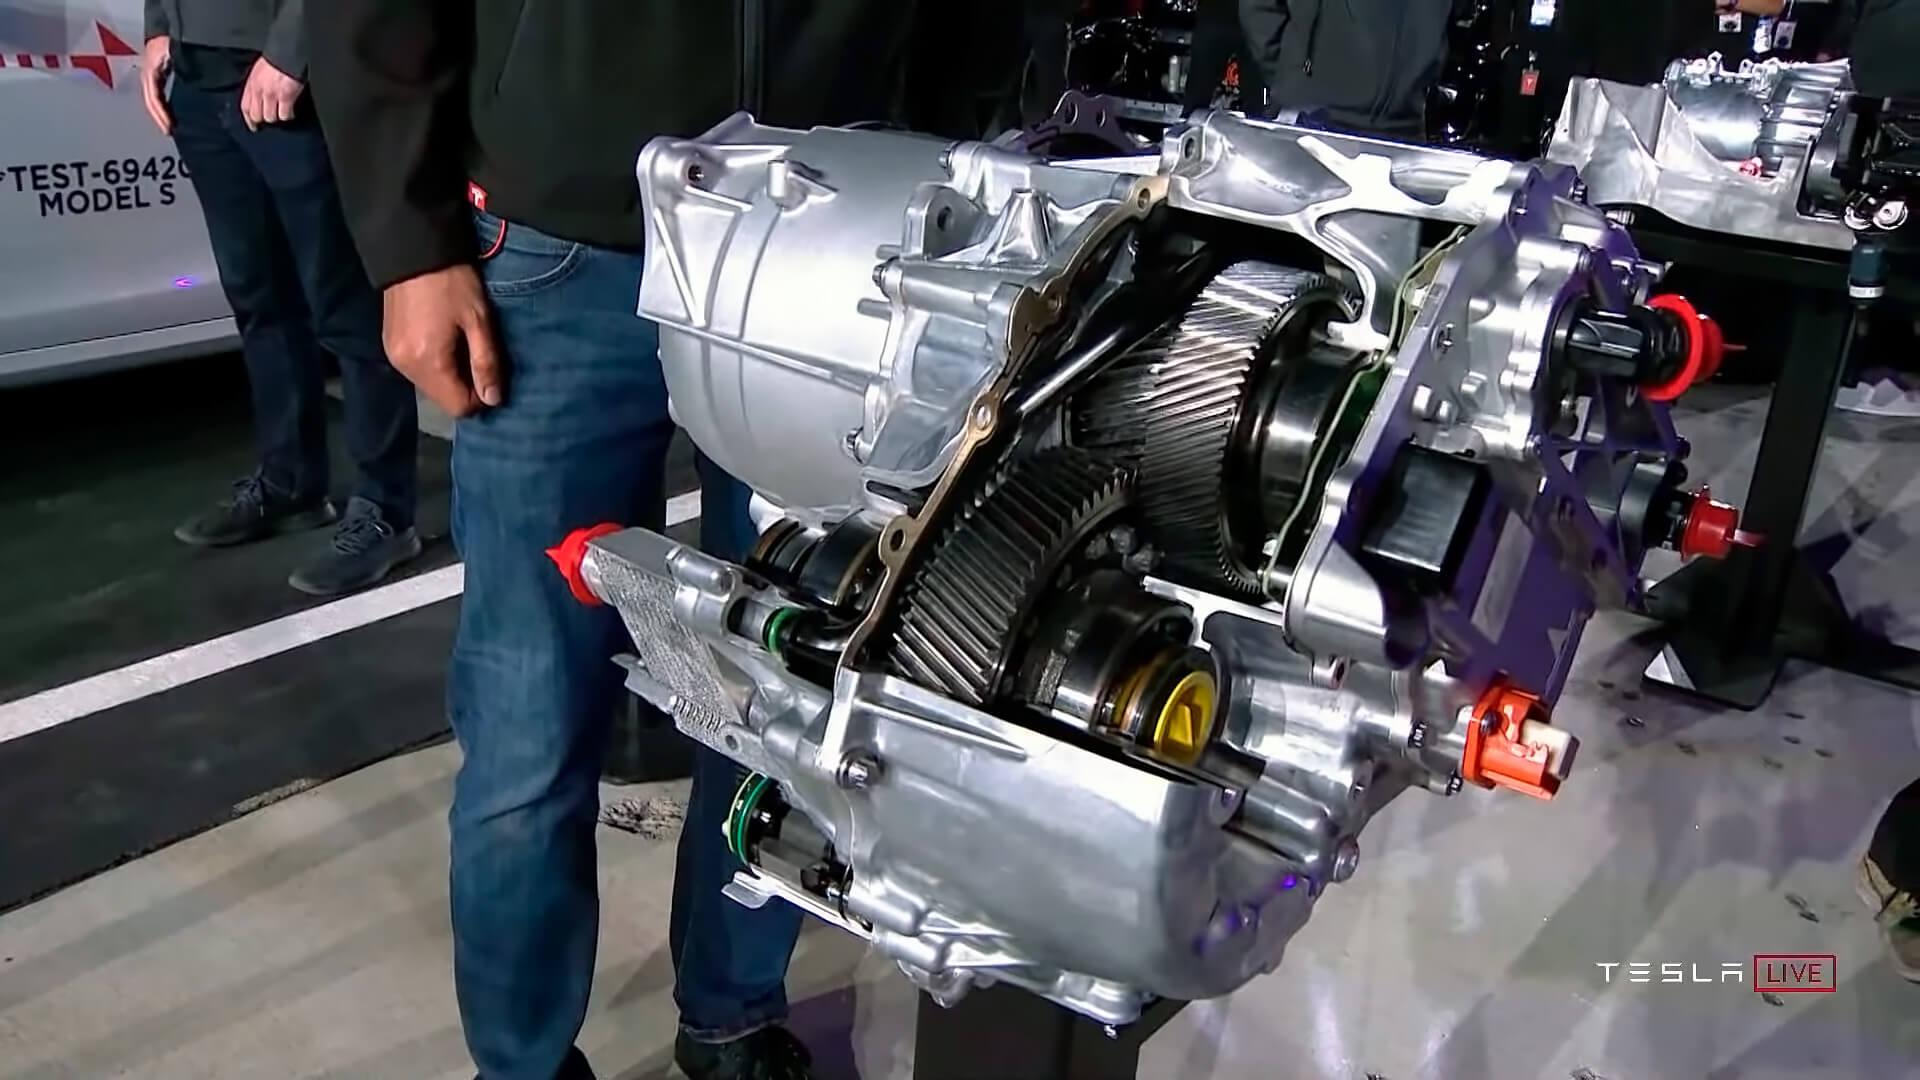 Приводное устройство Tesla Model S Plaid получило новые роторы с углеродной оболочкой